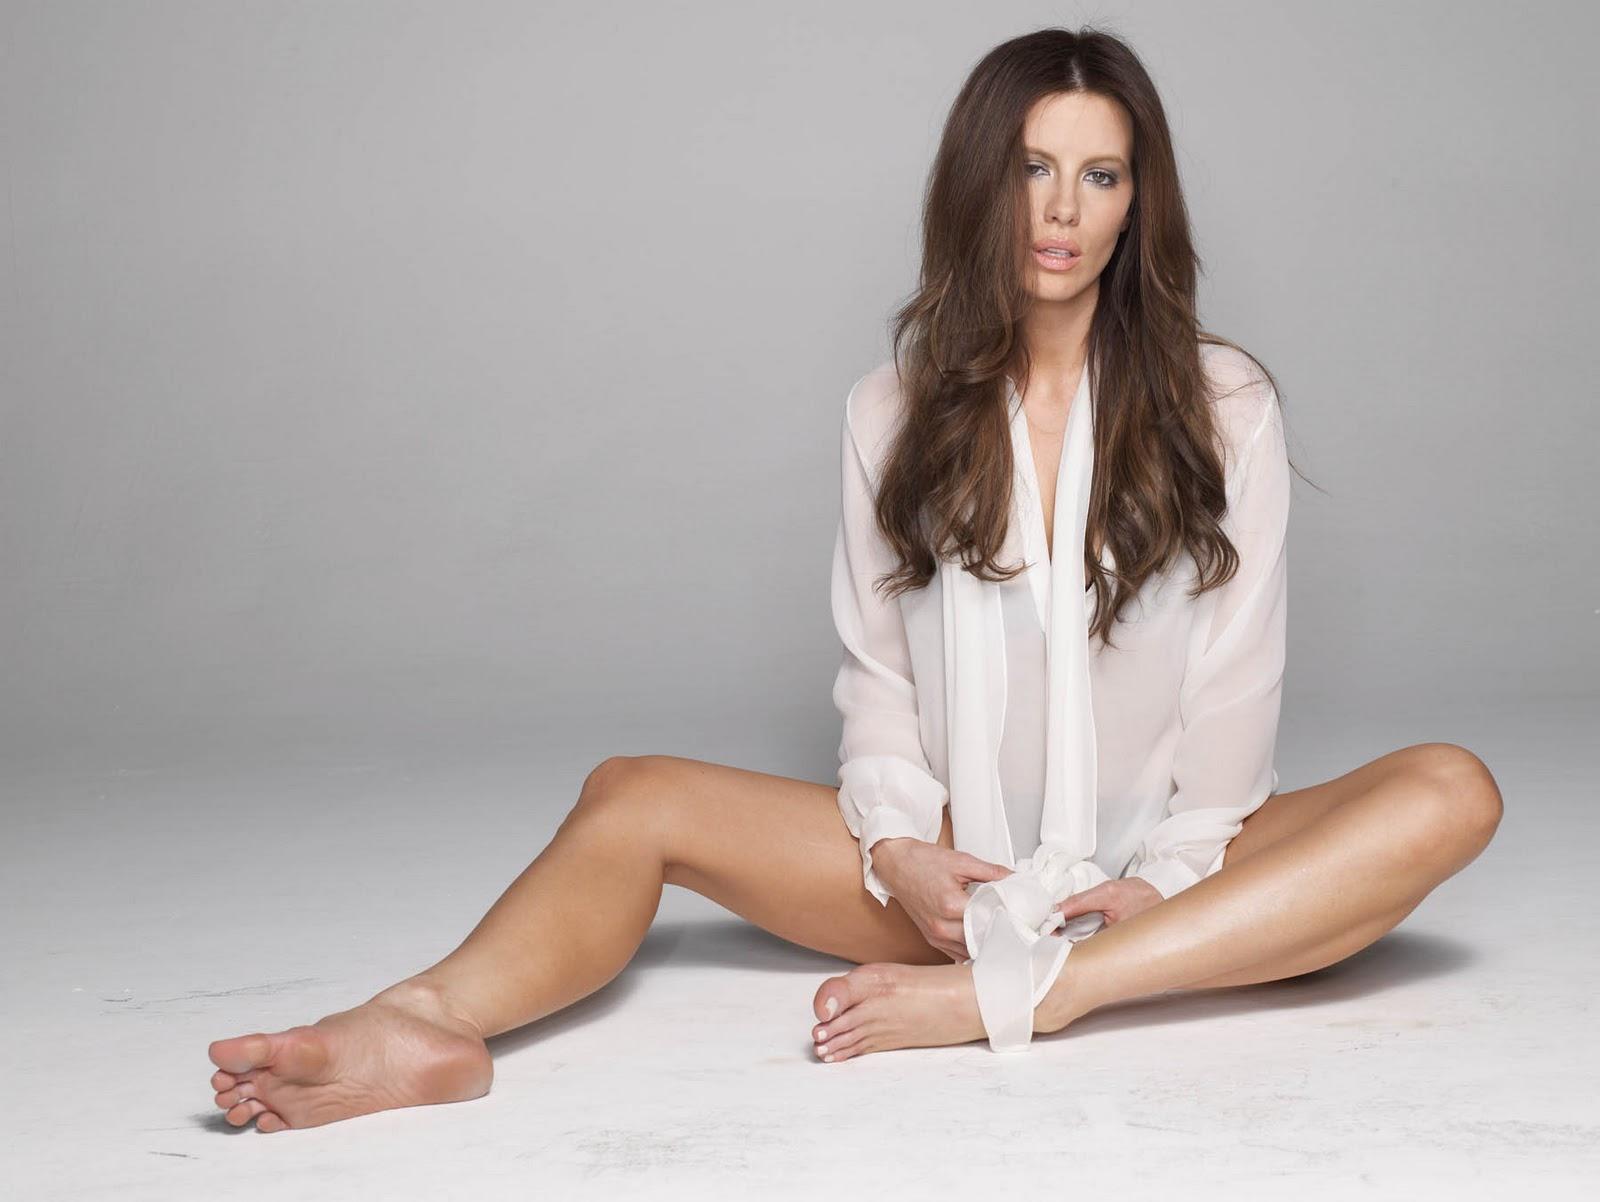 feet Adrianne palicki nude